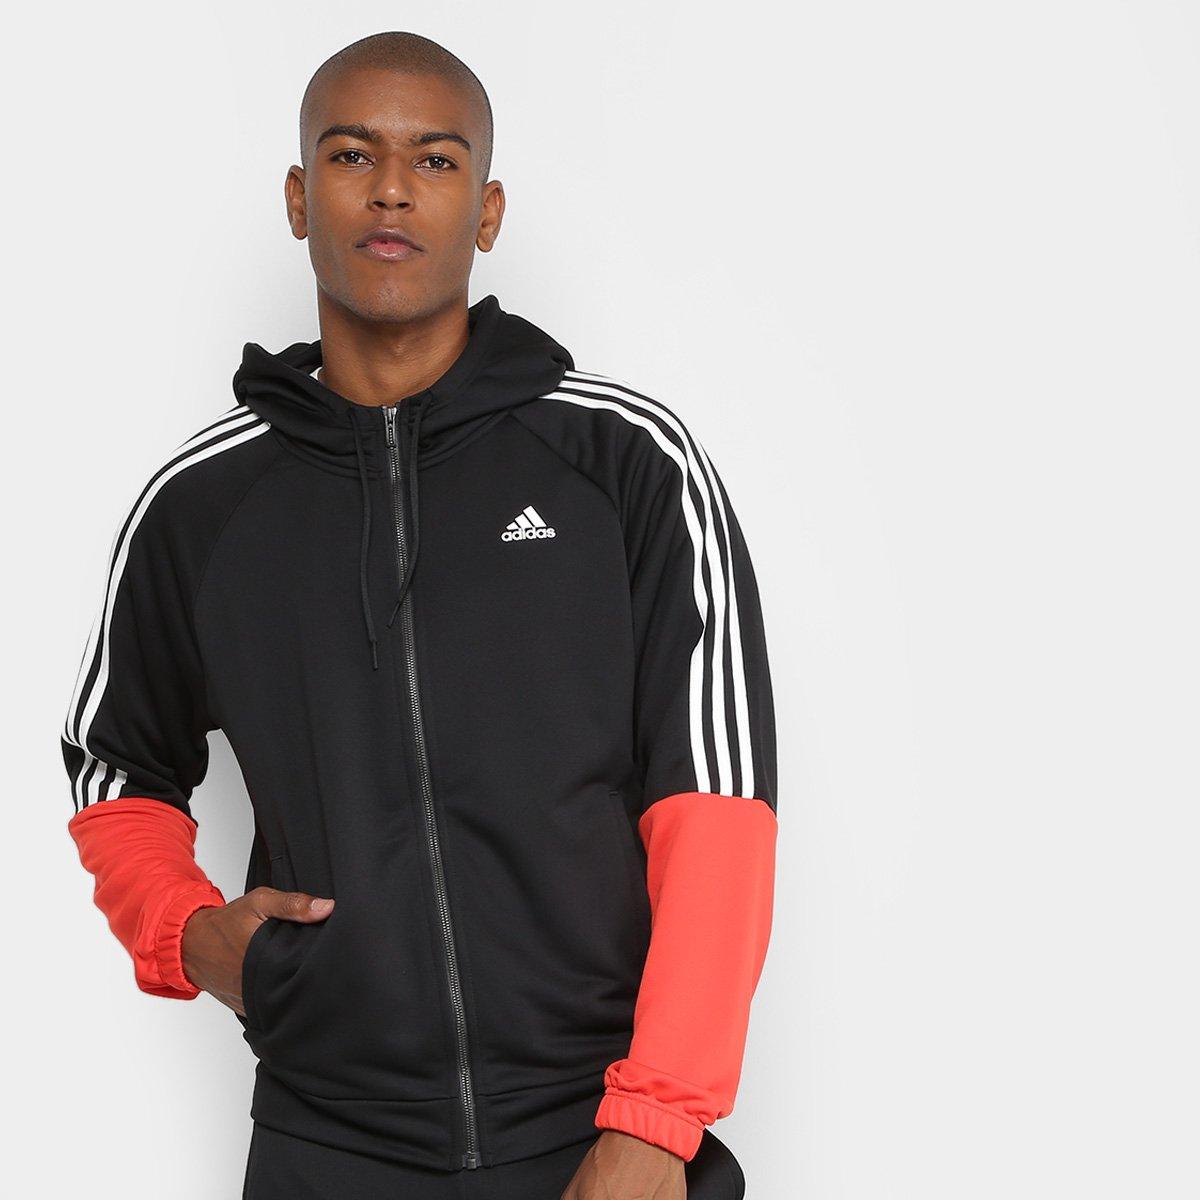 Agasalho Adidas Refocus Masculino - Compre Agora  073f65e8e52be